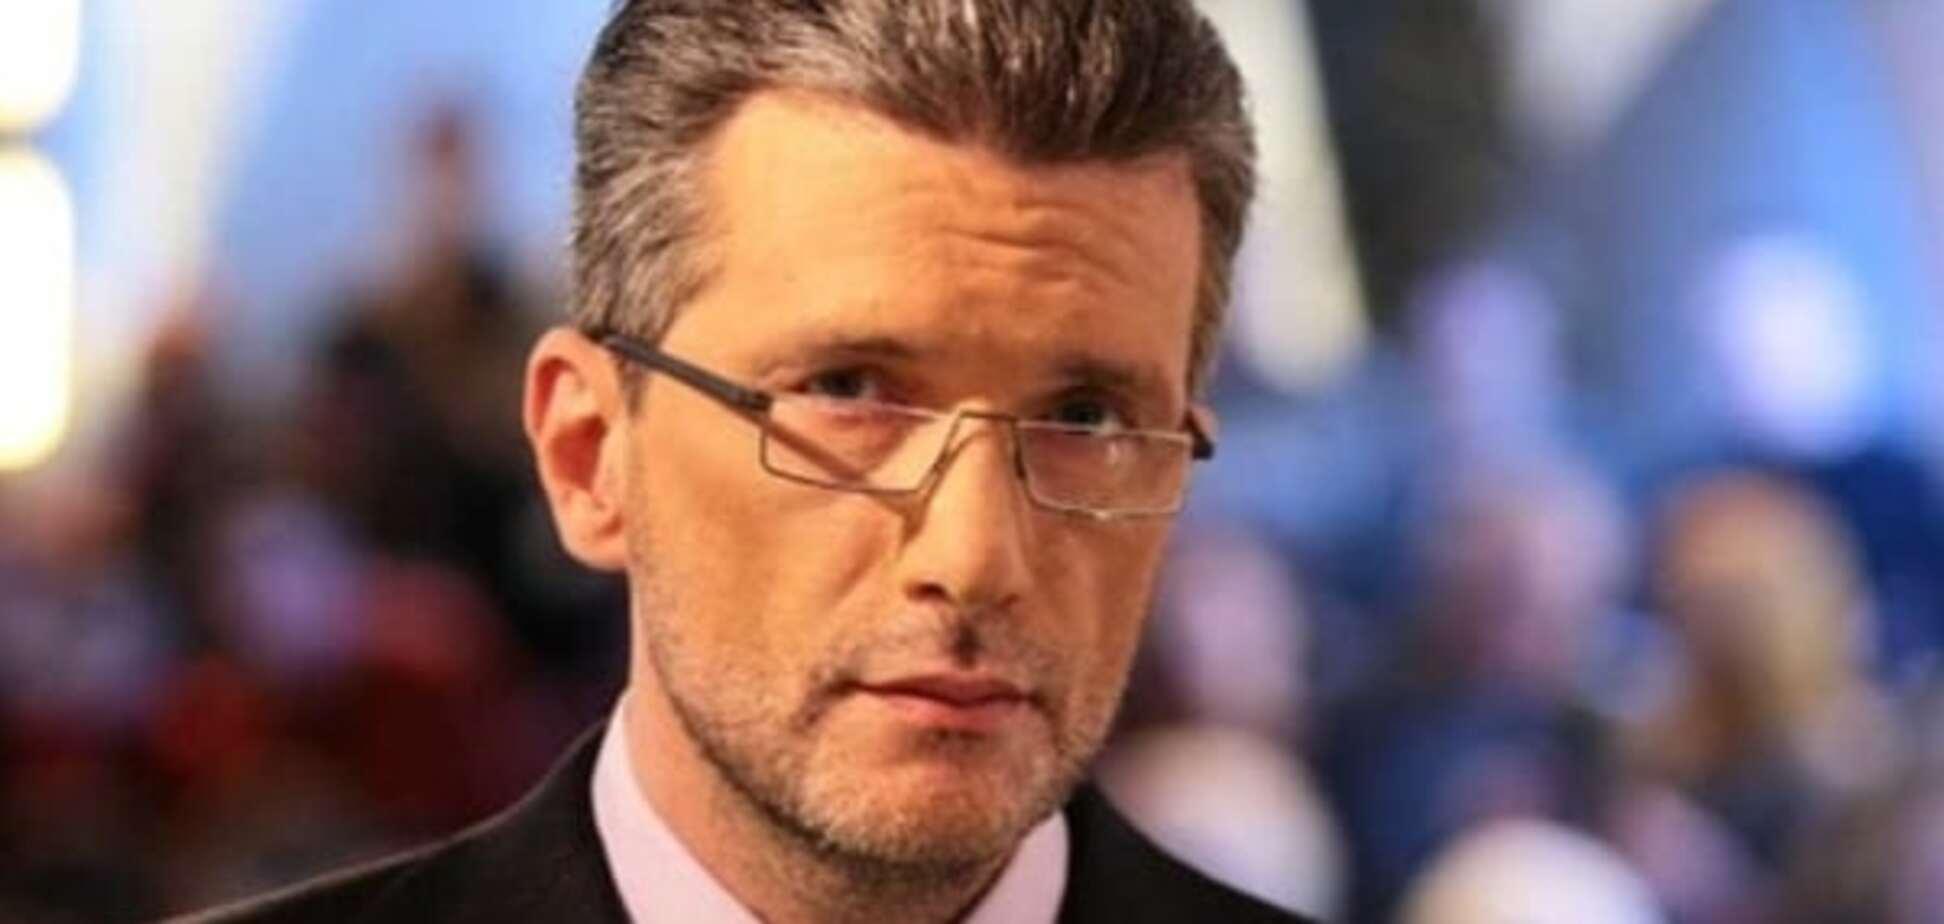 Ведущий 'Свободы слова' решил уйти с телевидения